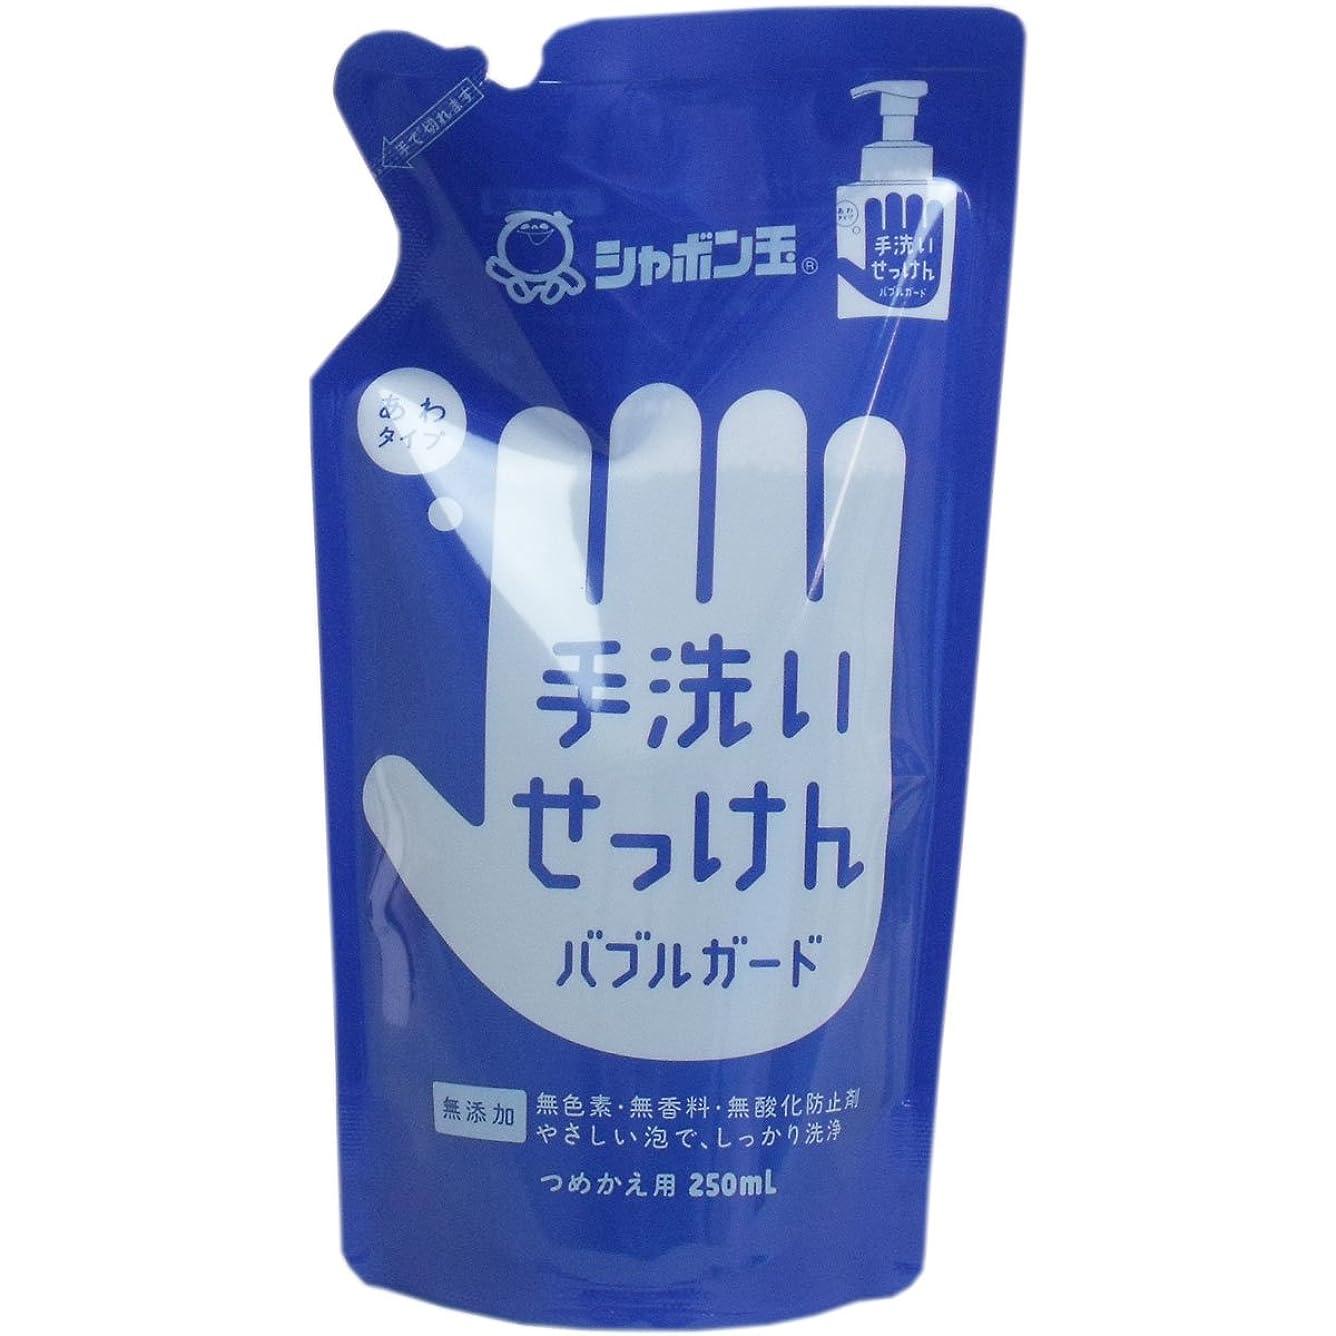 敵意くままだら[シャボン玉石けん 1602809] (ケア商品)手洗いせっけん バブルガード 泡タイプ つめかえ用 250ml